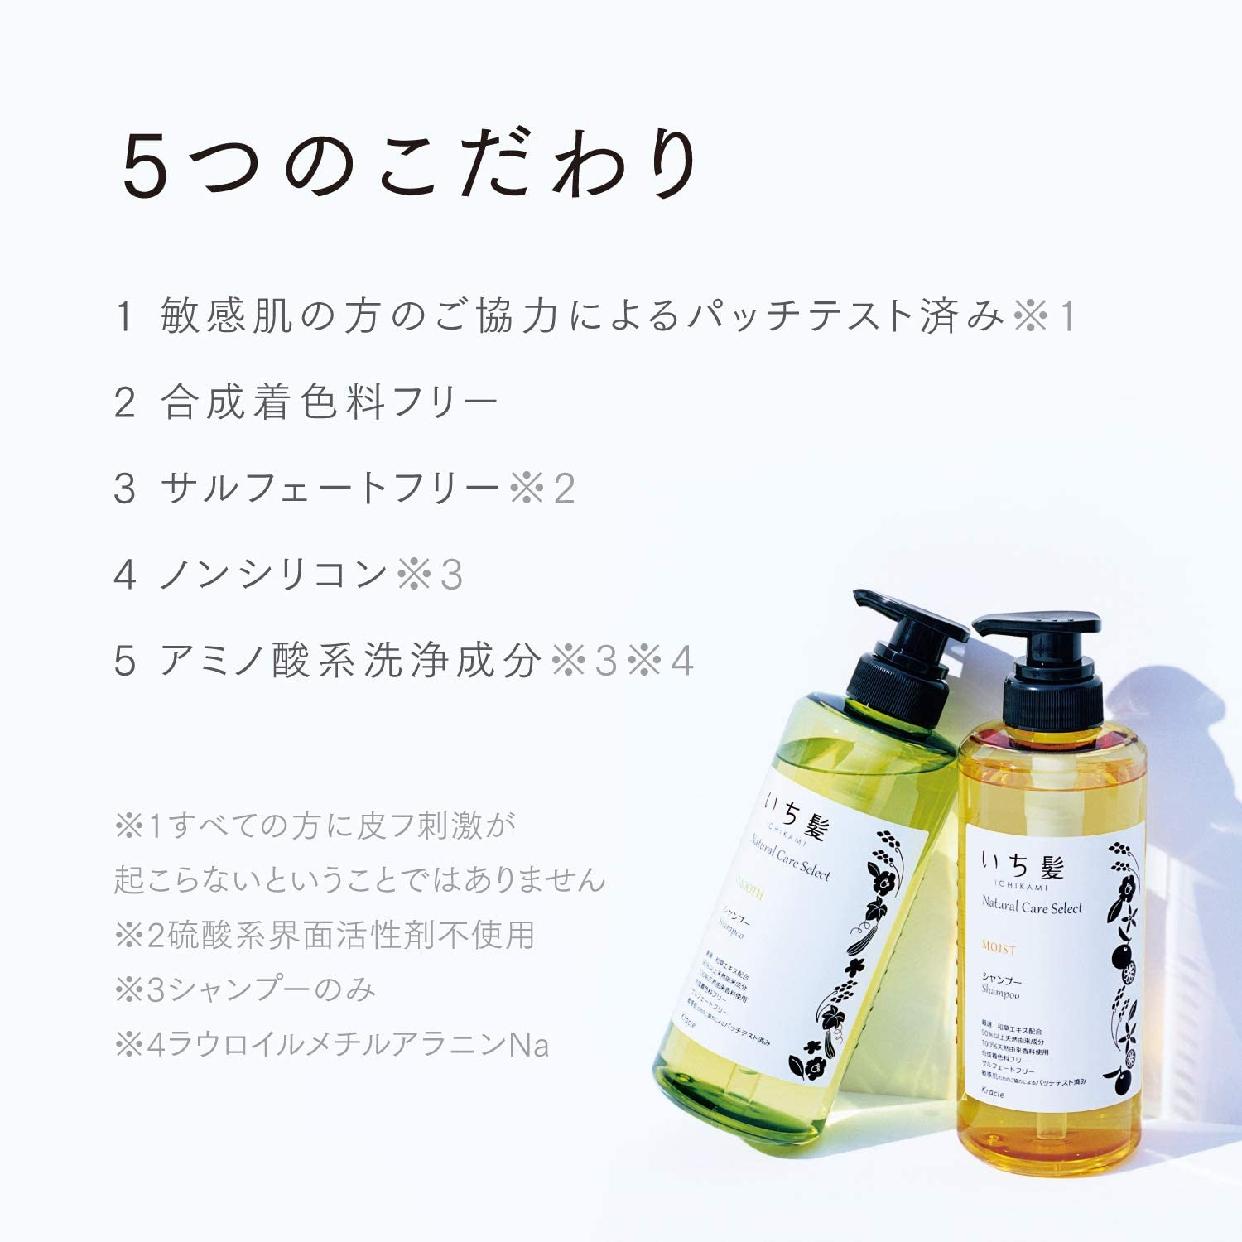 いち髪(いちかみ)ナチュラルケアセレクト スムース シャンプーの商品画像4